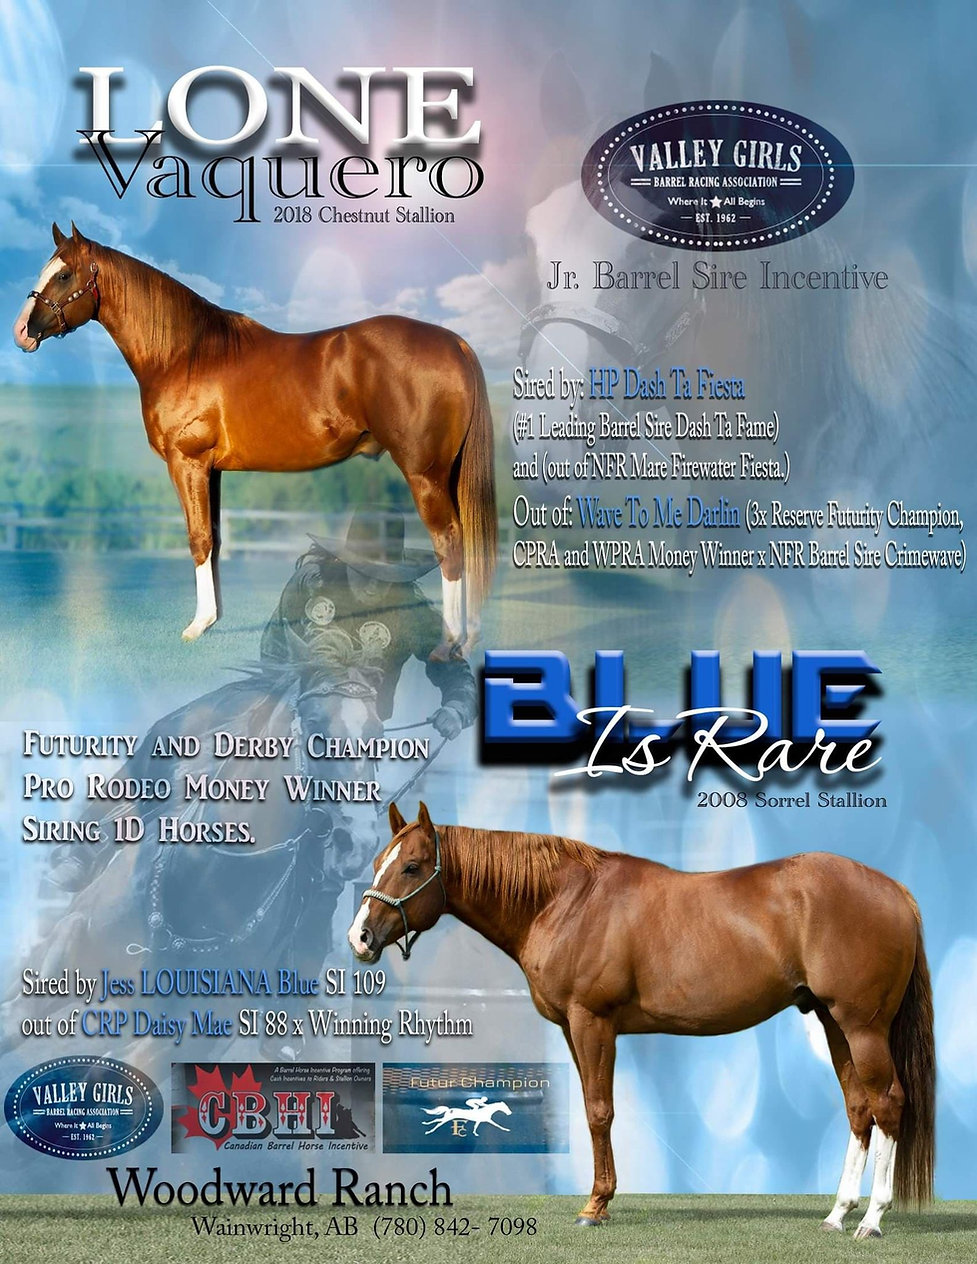 blue et lone vaquero.png